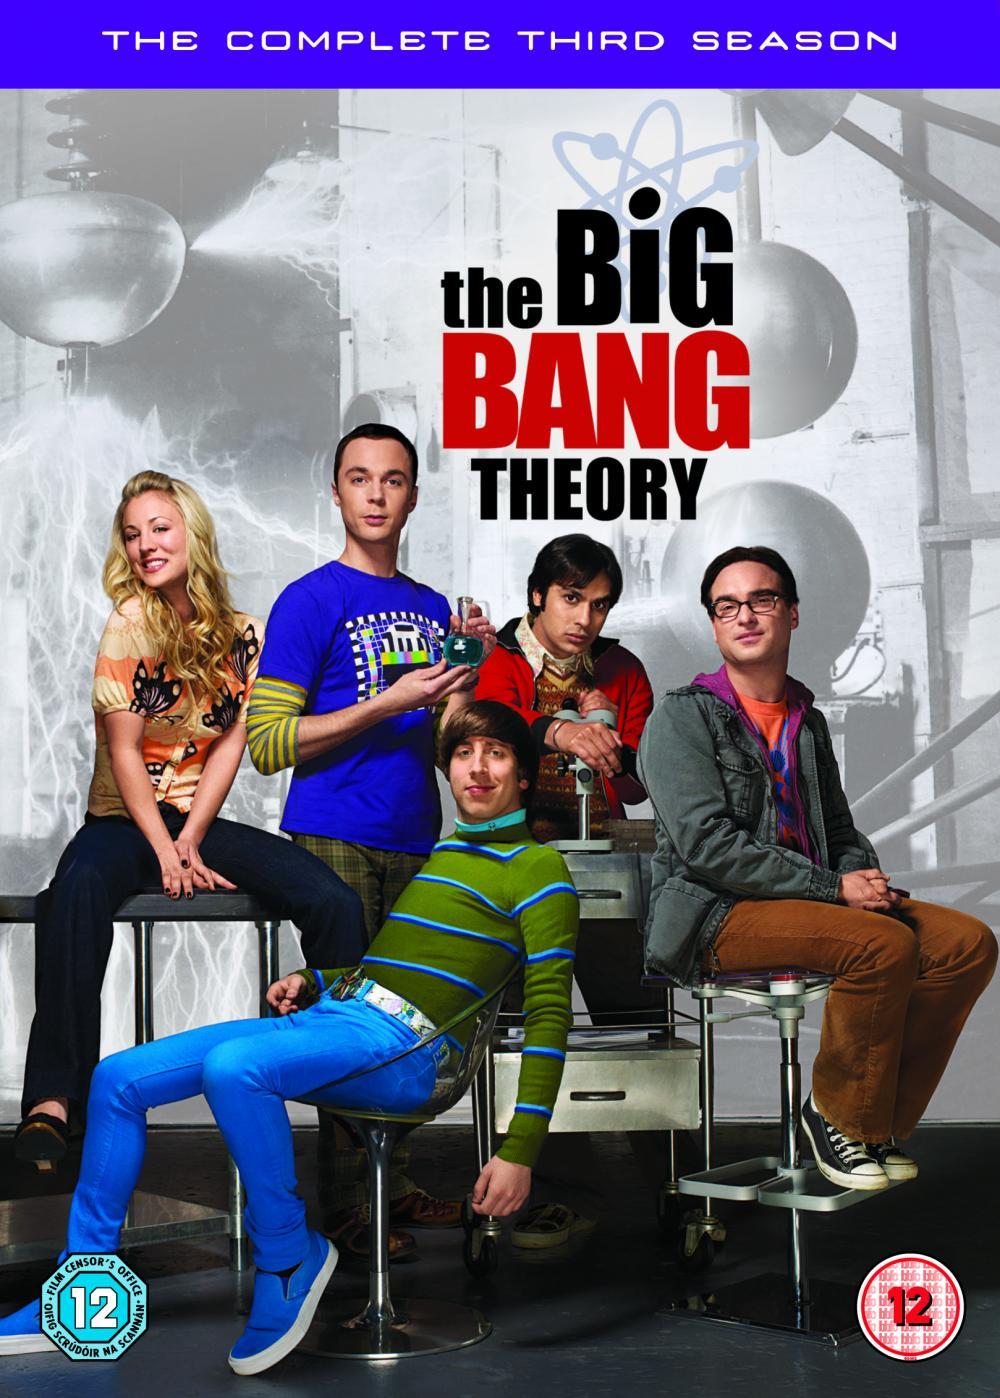 TEORIA BIG BANG SEZONUL BIG BANG THEORY S3